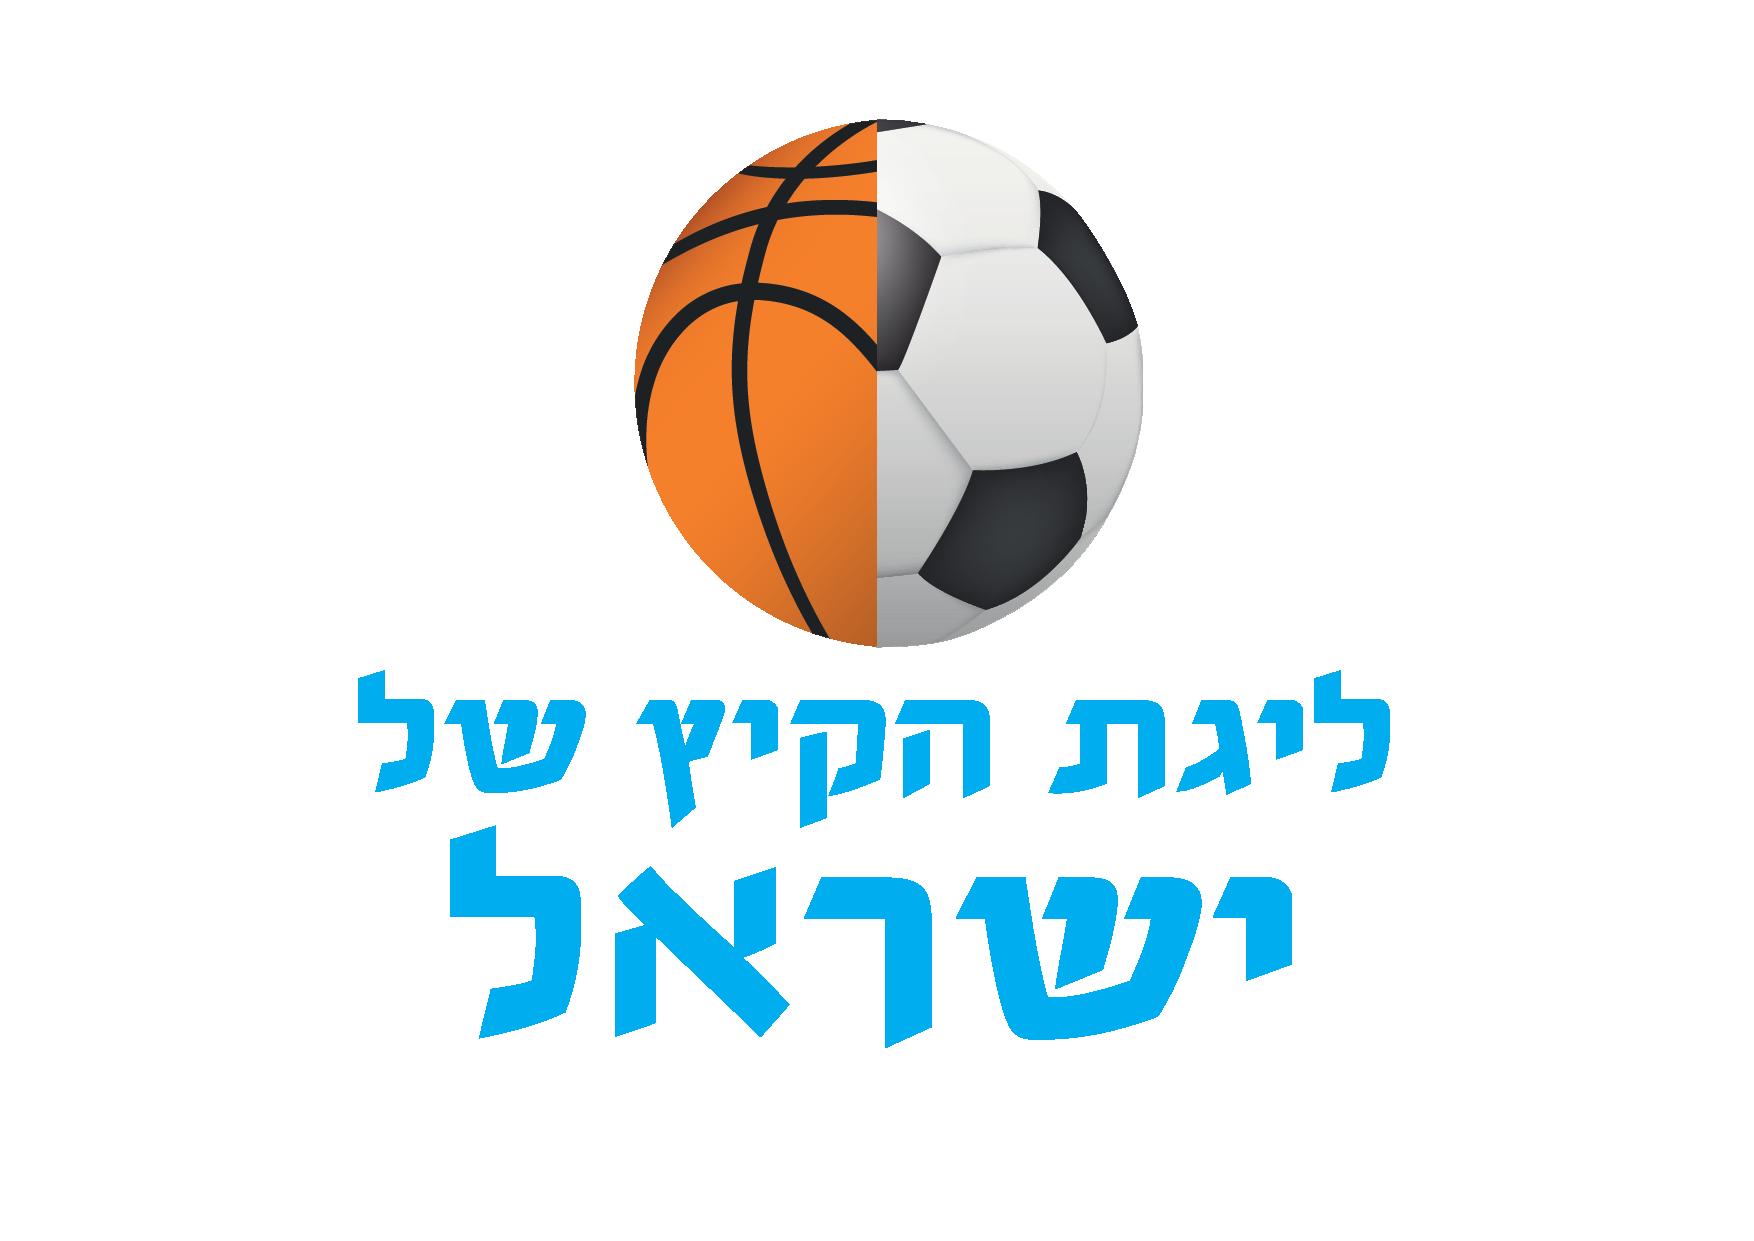 ליגת הקיץ של ישראל בחודשים יוני -יולי